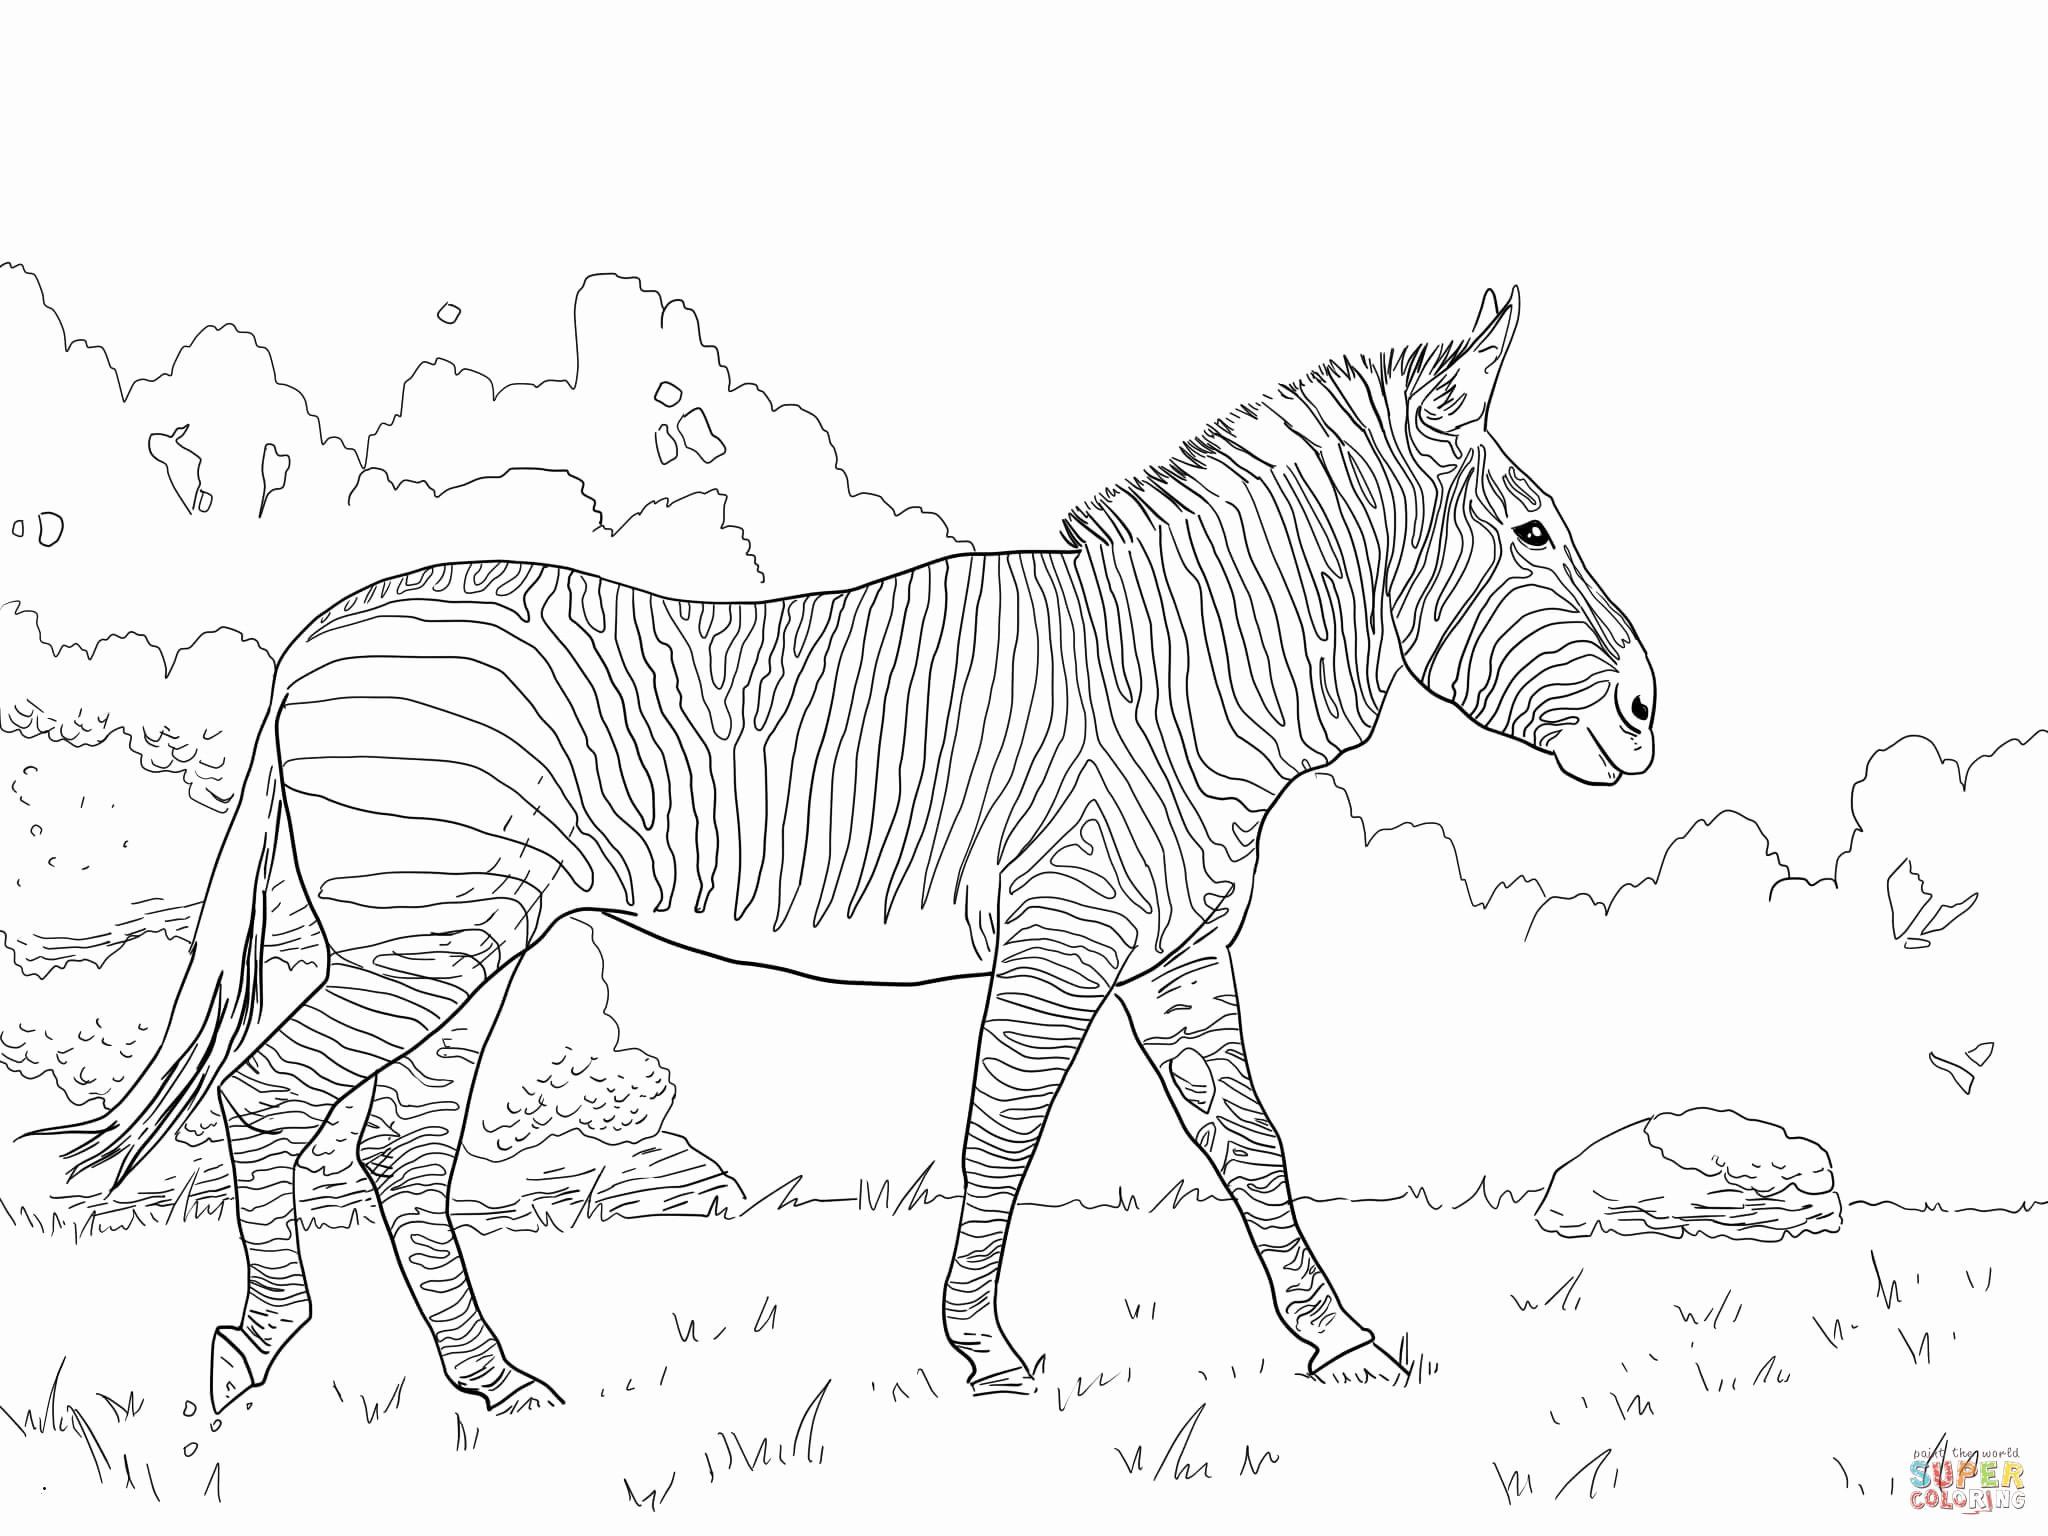 Ausmalbilder Tiere Kostenlos Neu Malvorlagen Tiere Einfach Neu Malvorlage A Book Coloring Pages Best Stock